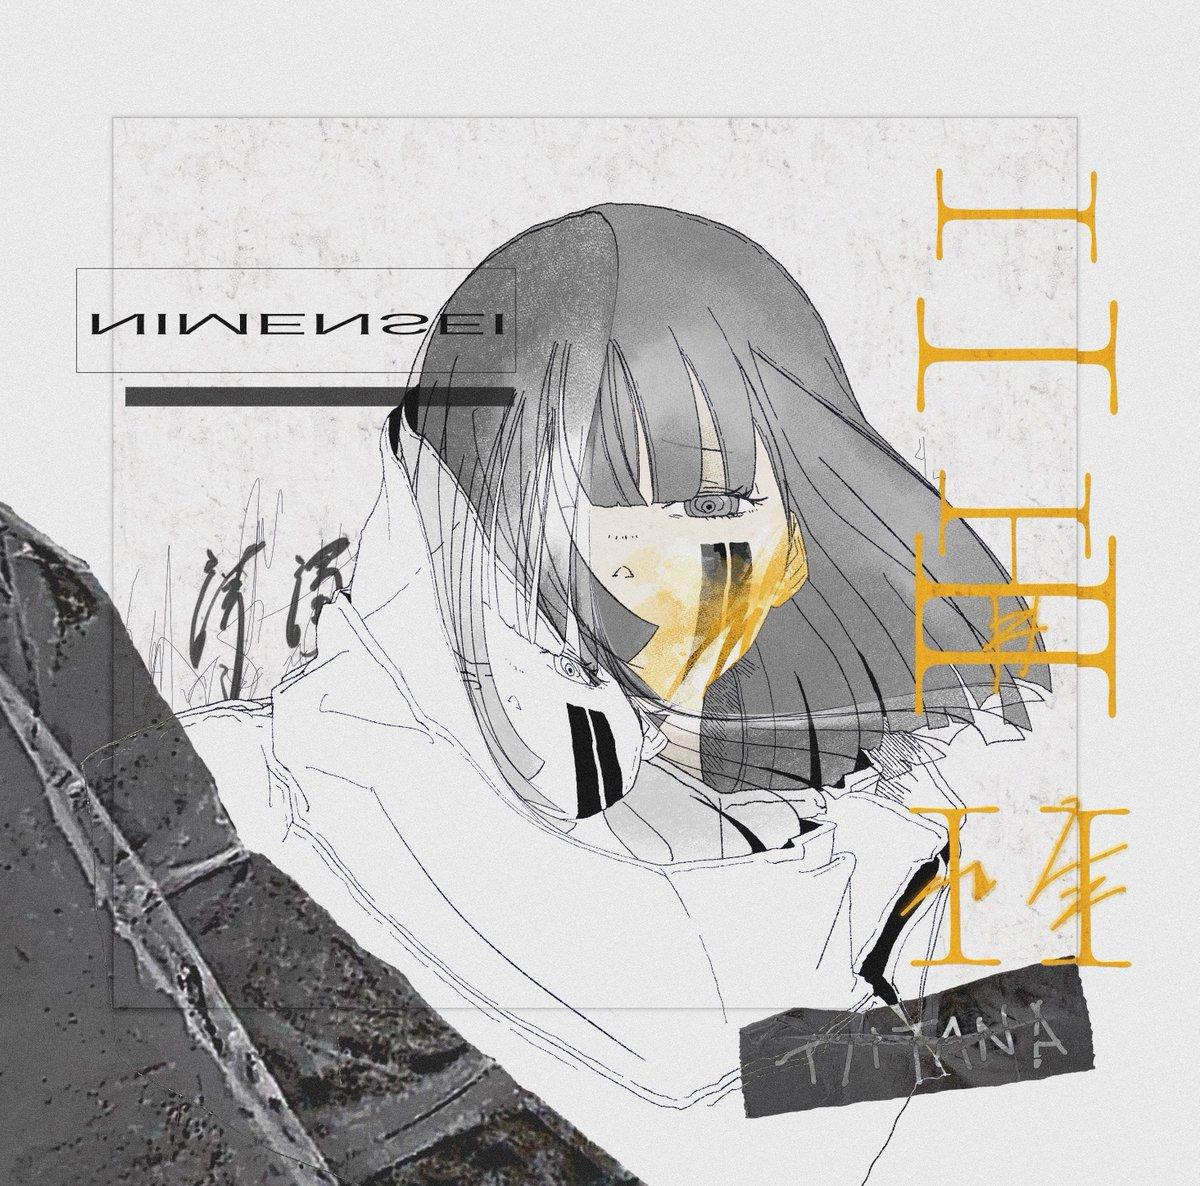 『ちいたな - ヤブレカブレ feat.Sou』収録の『二面性』ジャケット